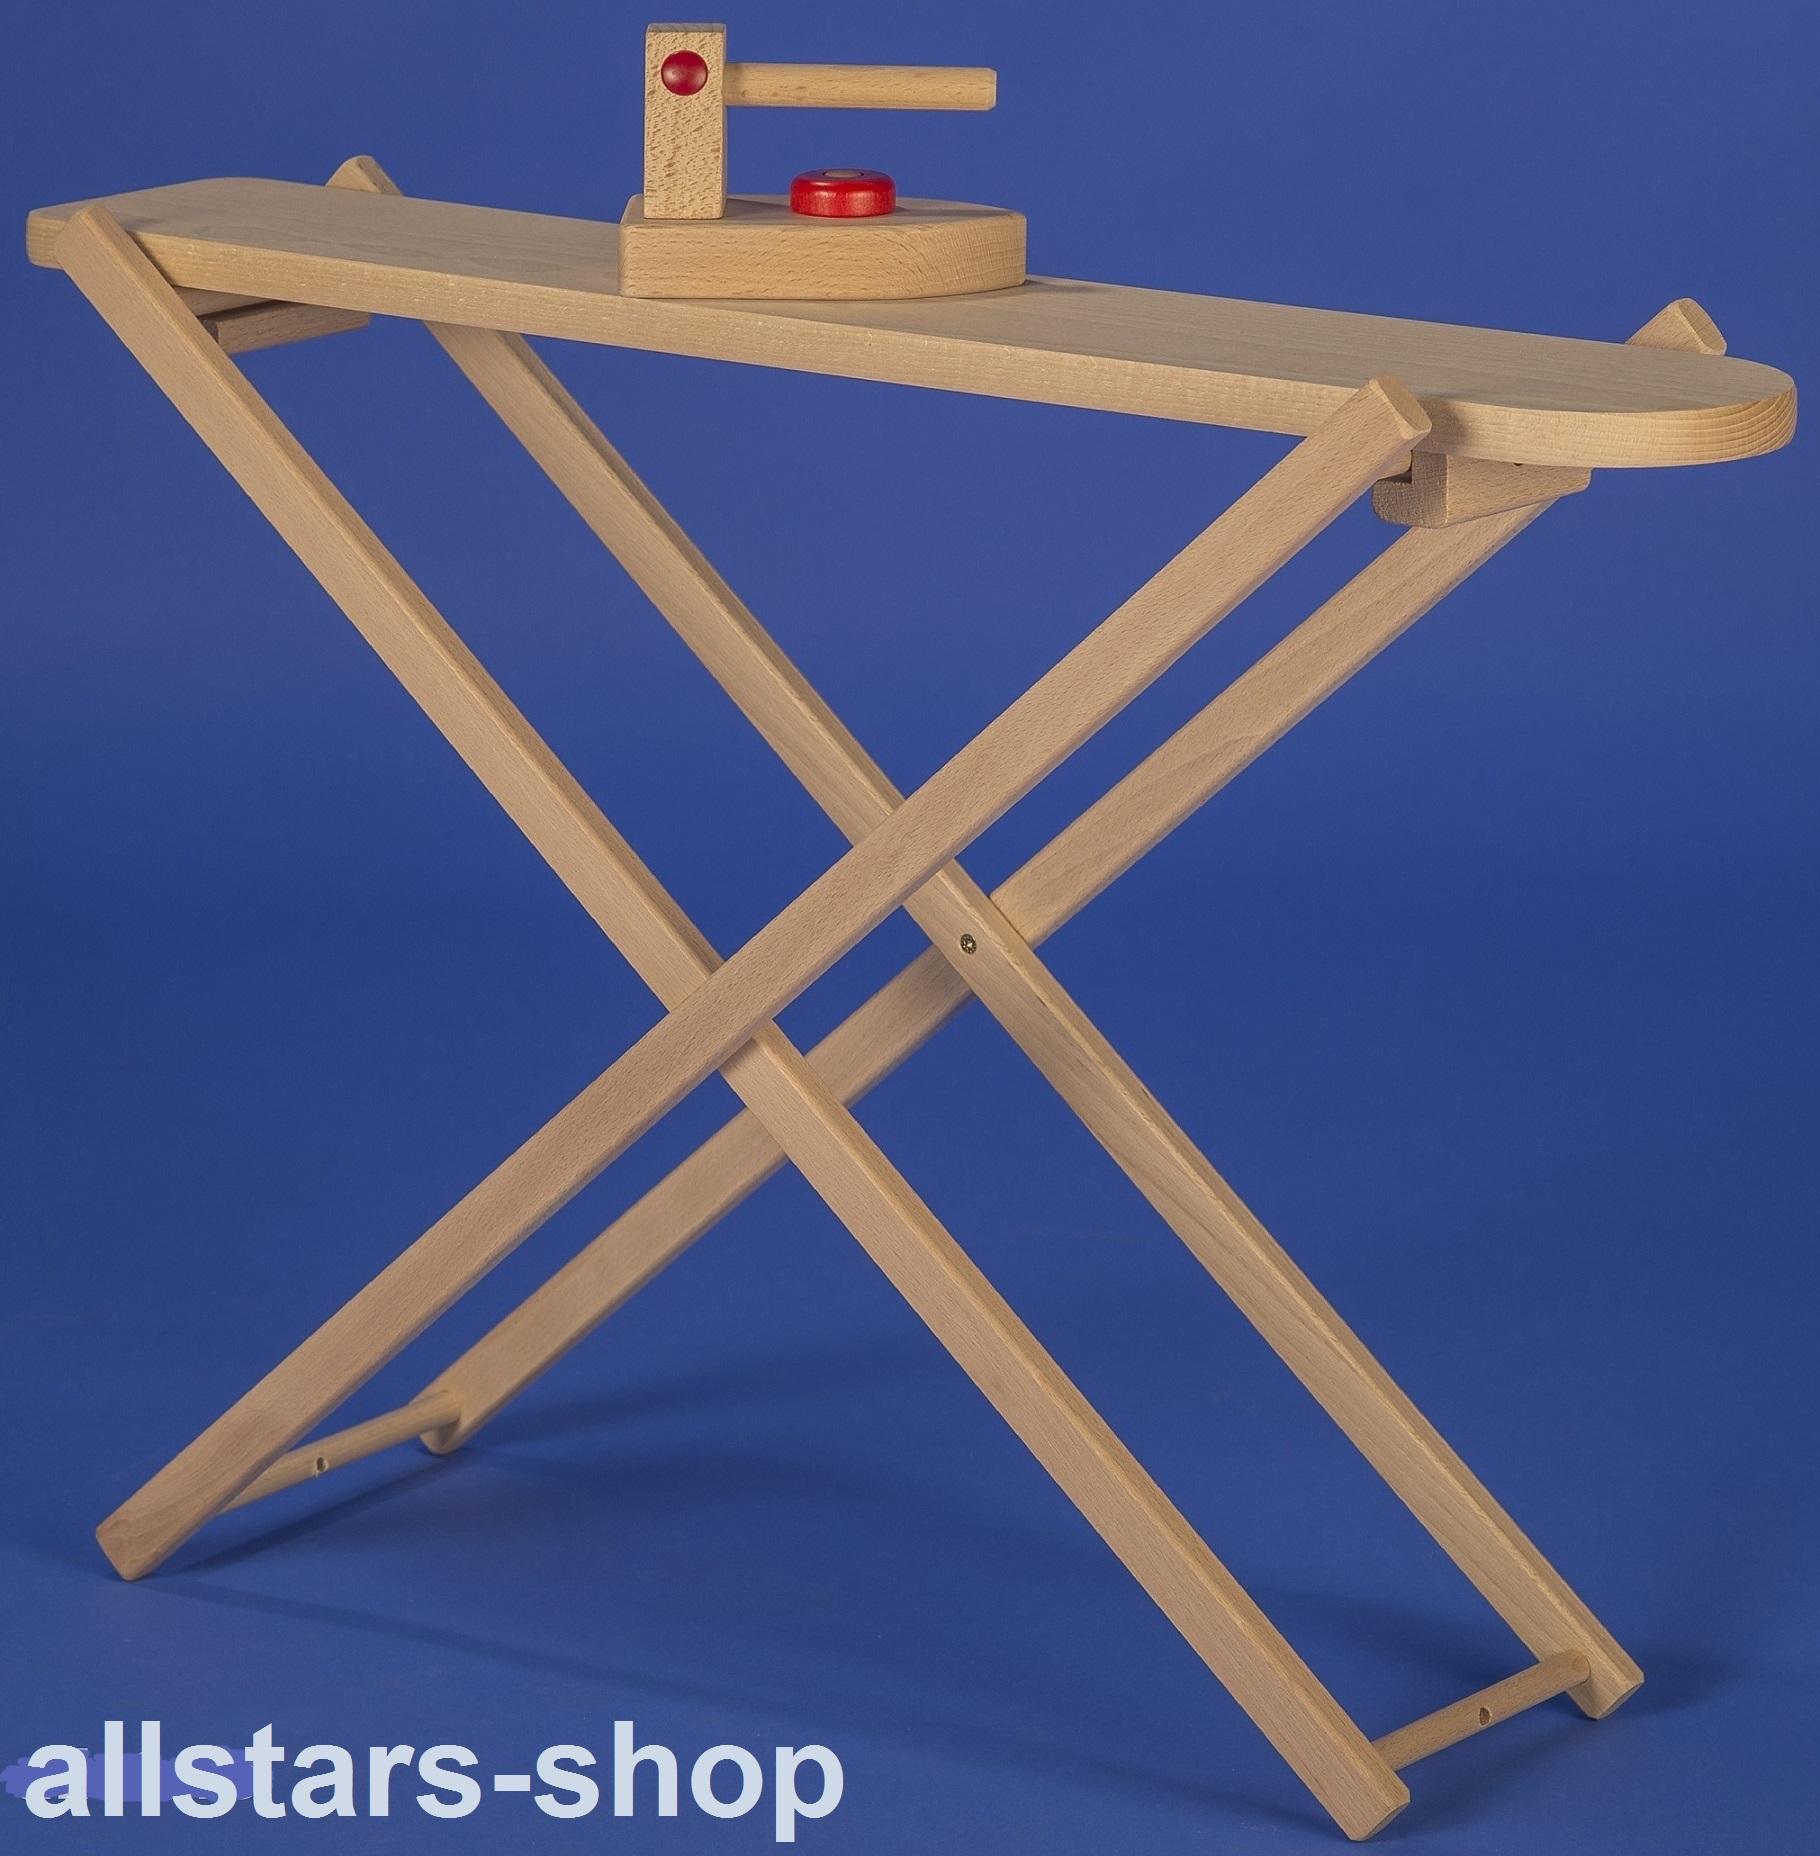 Nieuw Allstars großes Kinder-Bügelbrett mit Bügeleisen aus Holz AQ-02